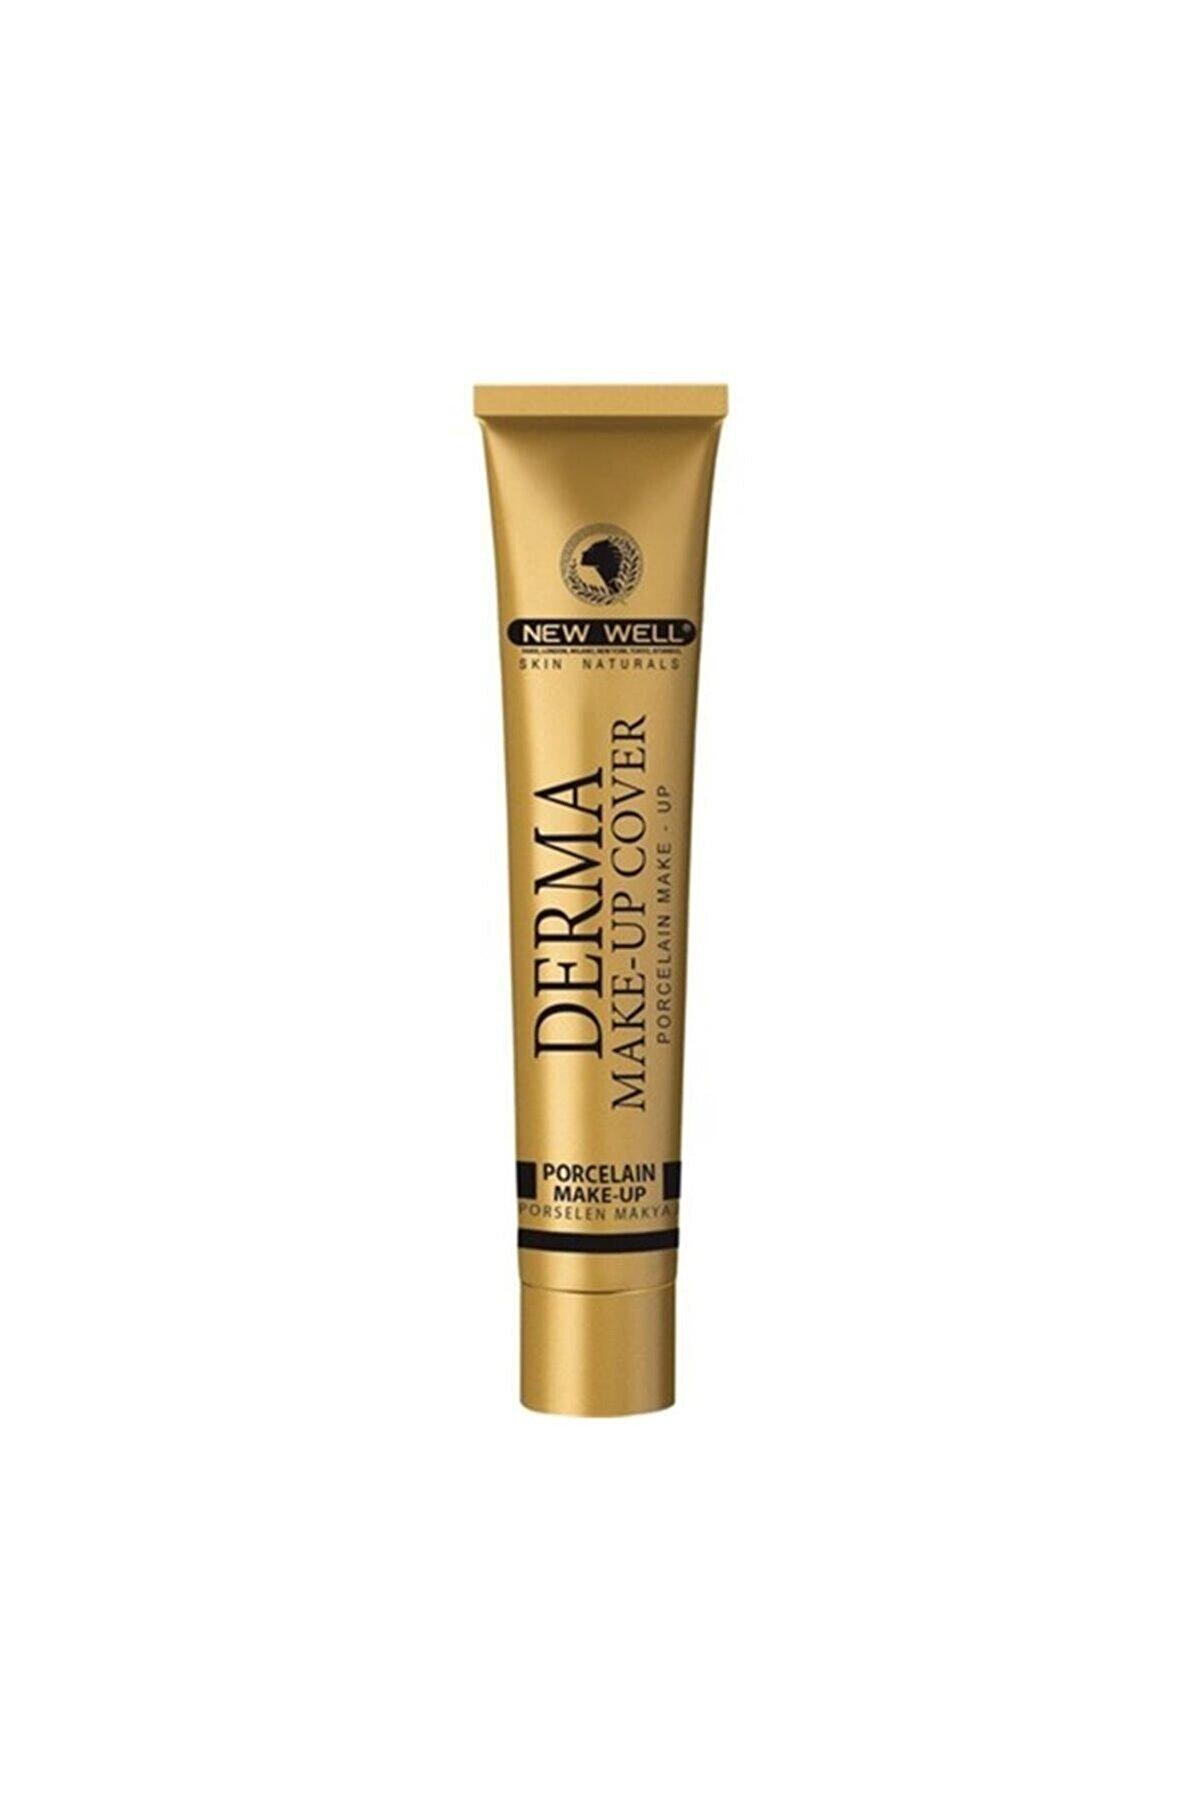 New Well Yoğun Kapatıcı Fondöten - Derma Make Up Cover 01 Gold 30 ml 8680923304816